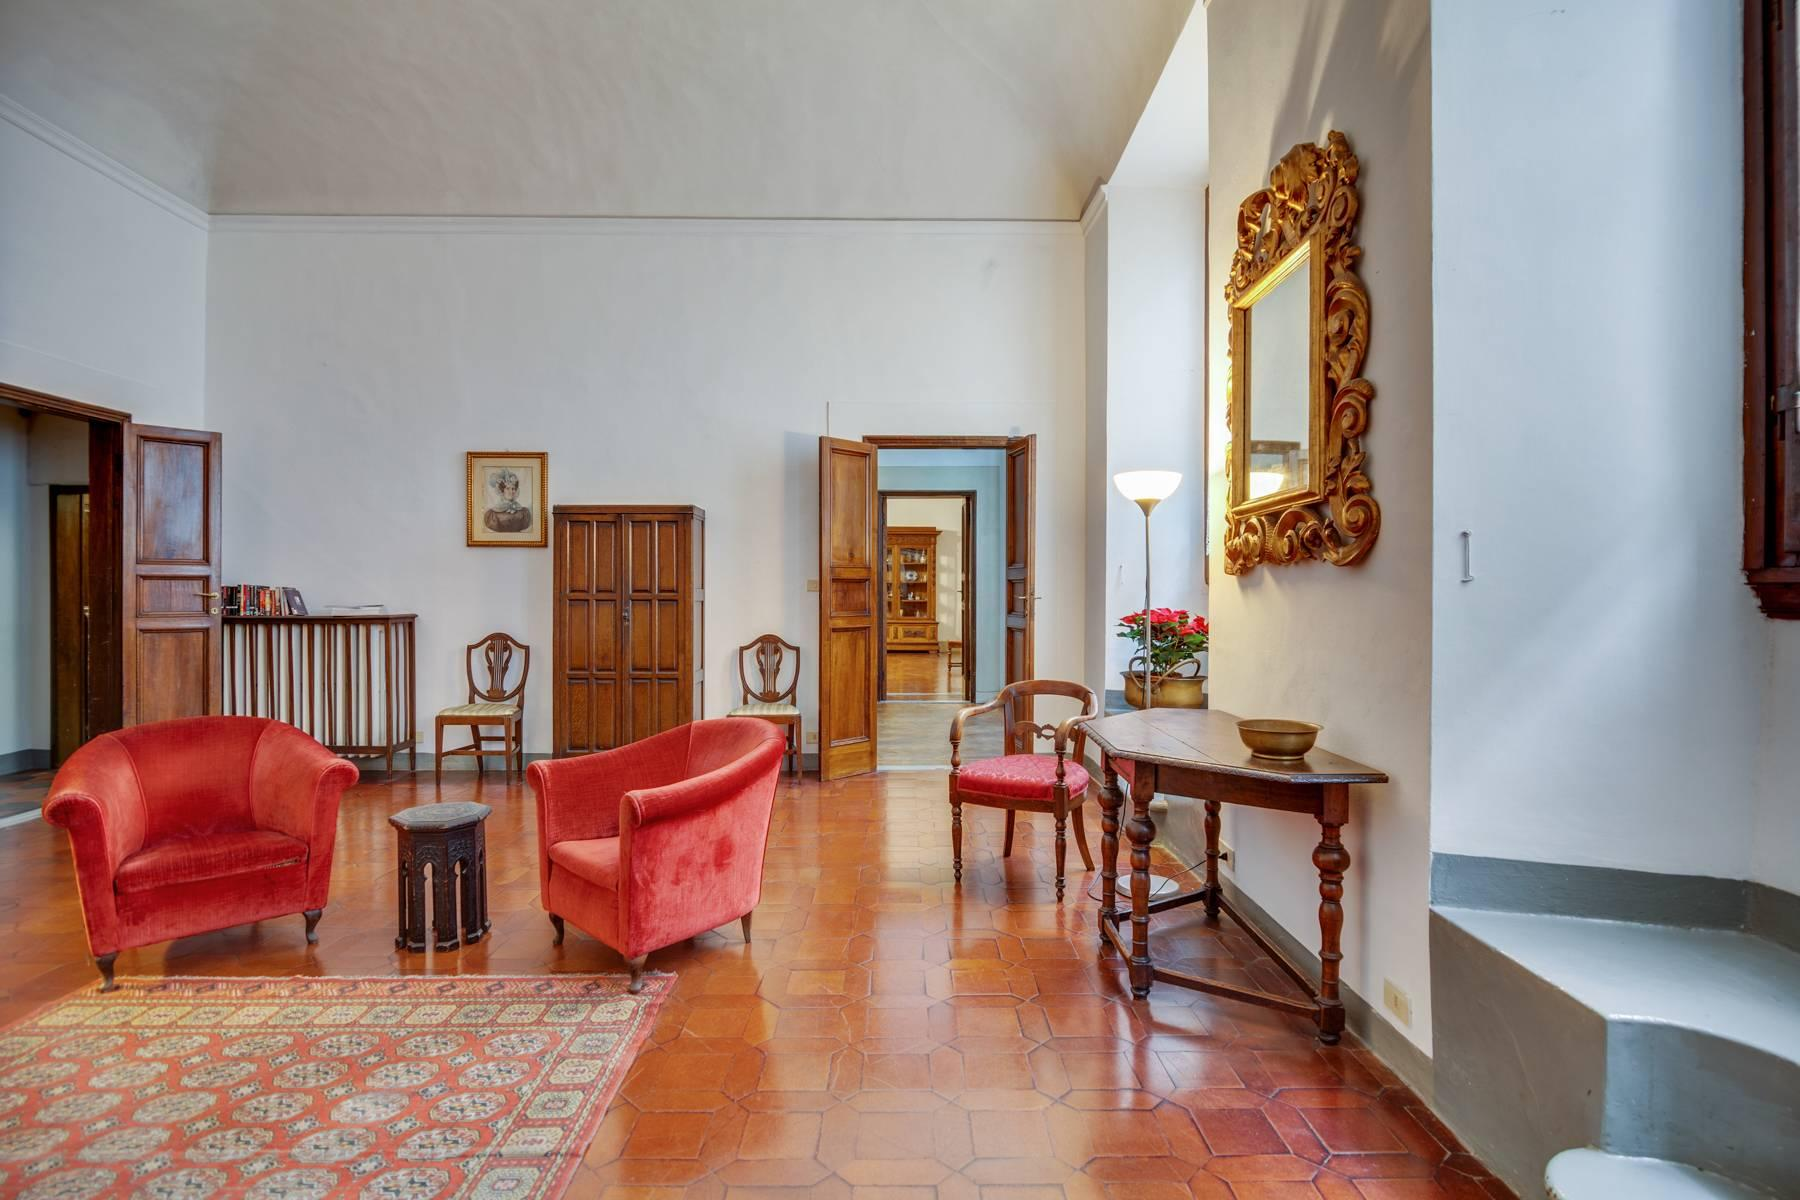 Просторный апартамент в историческом здании на Понте Веккьо - 3